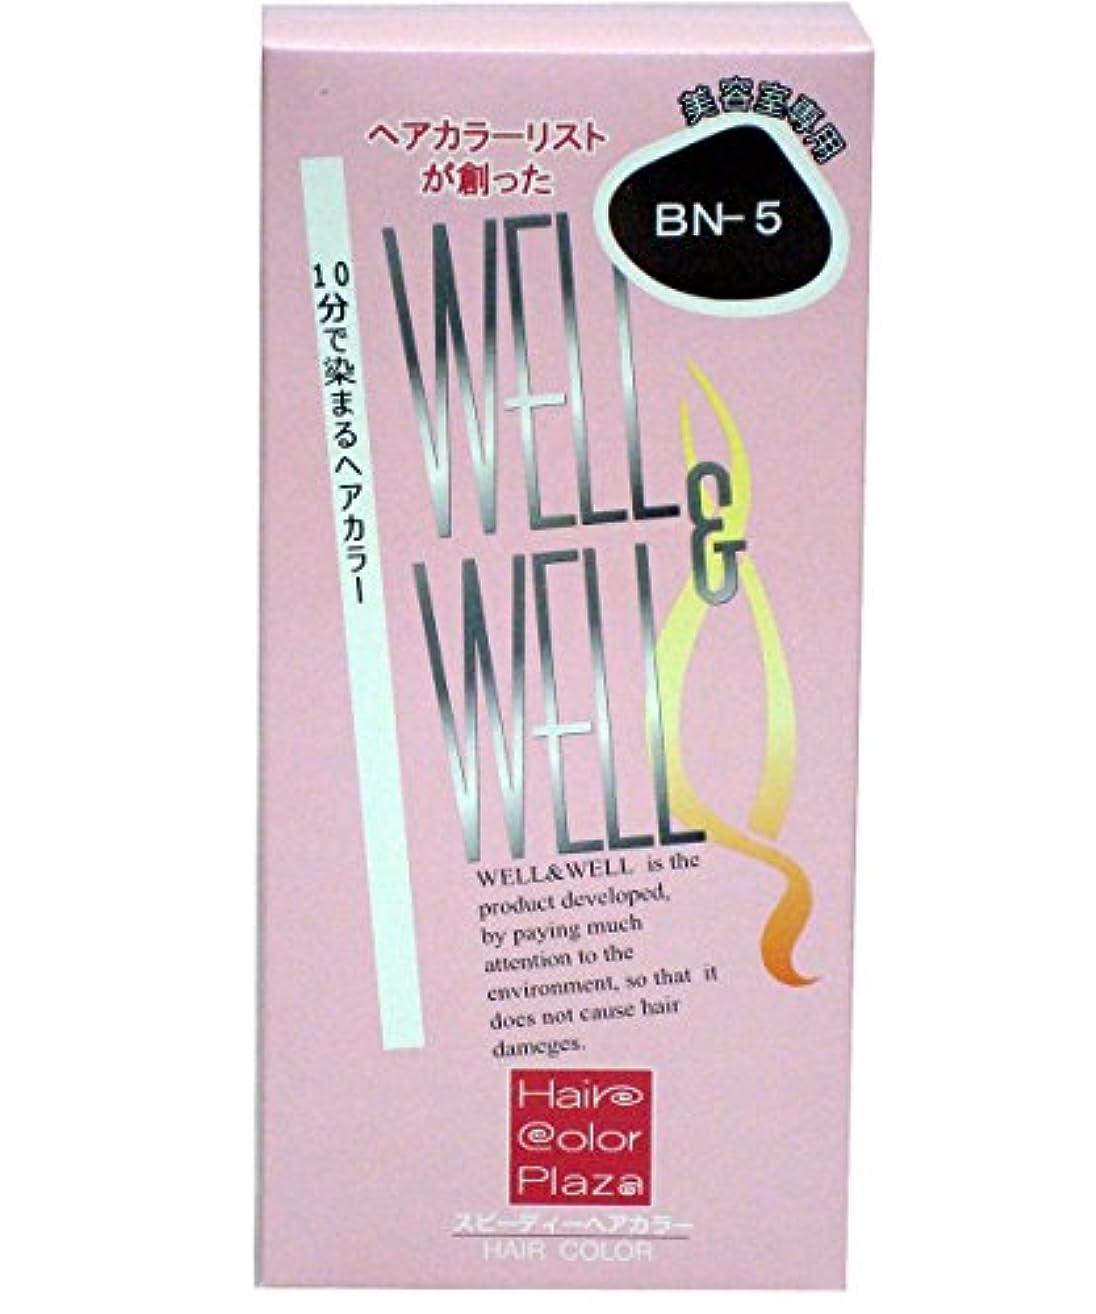 あいさつ病者罪【美容室専用】 ウェル&ウェル スピーディヘアカラー ナチュラルブラウン BN-5